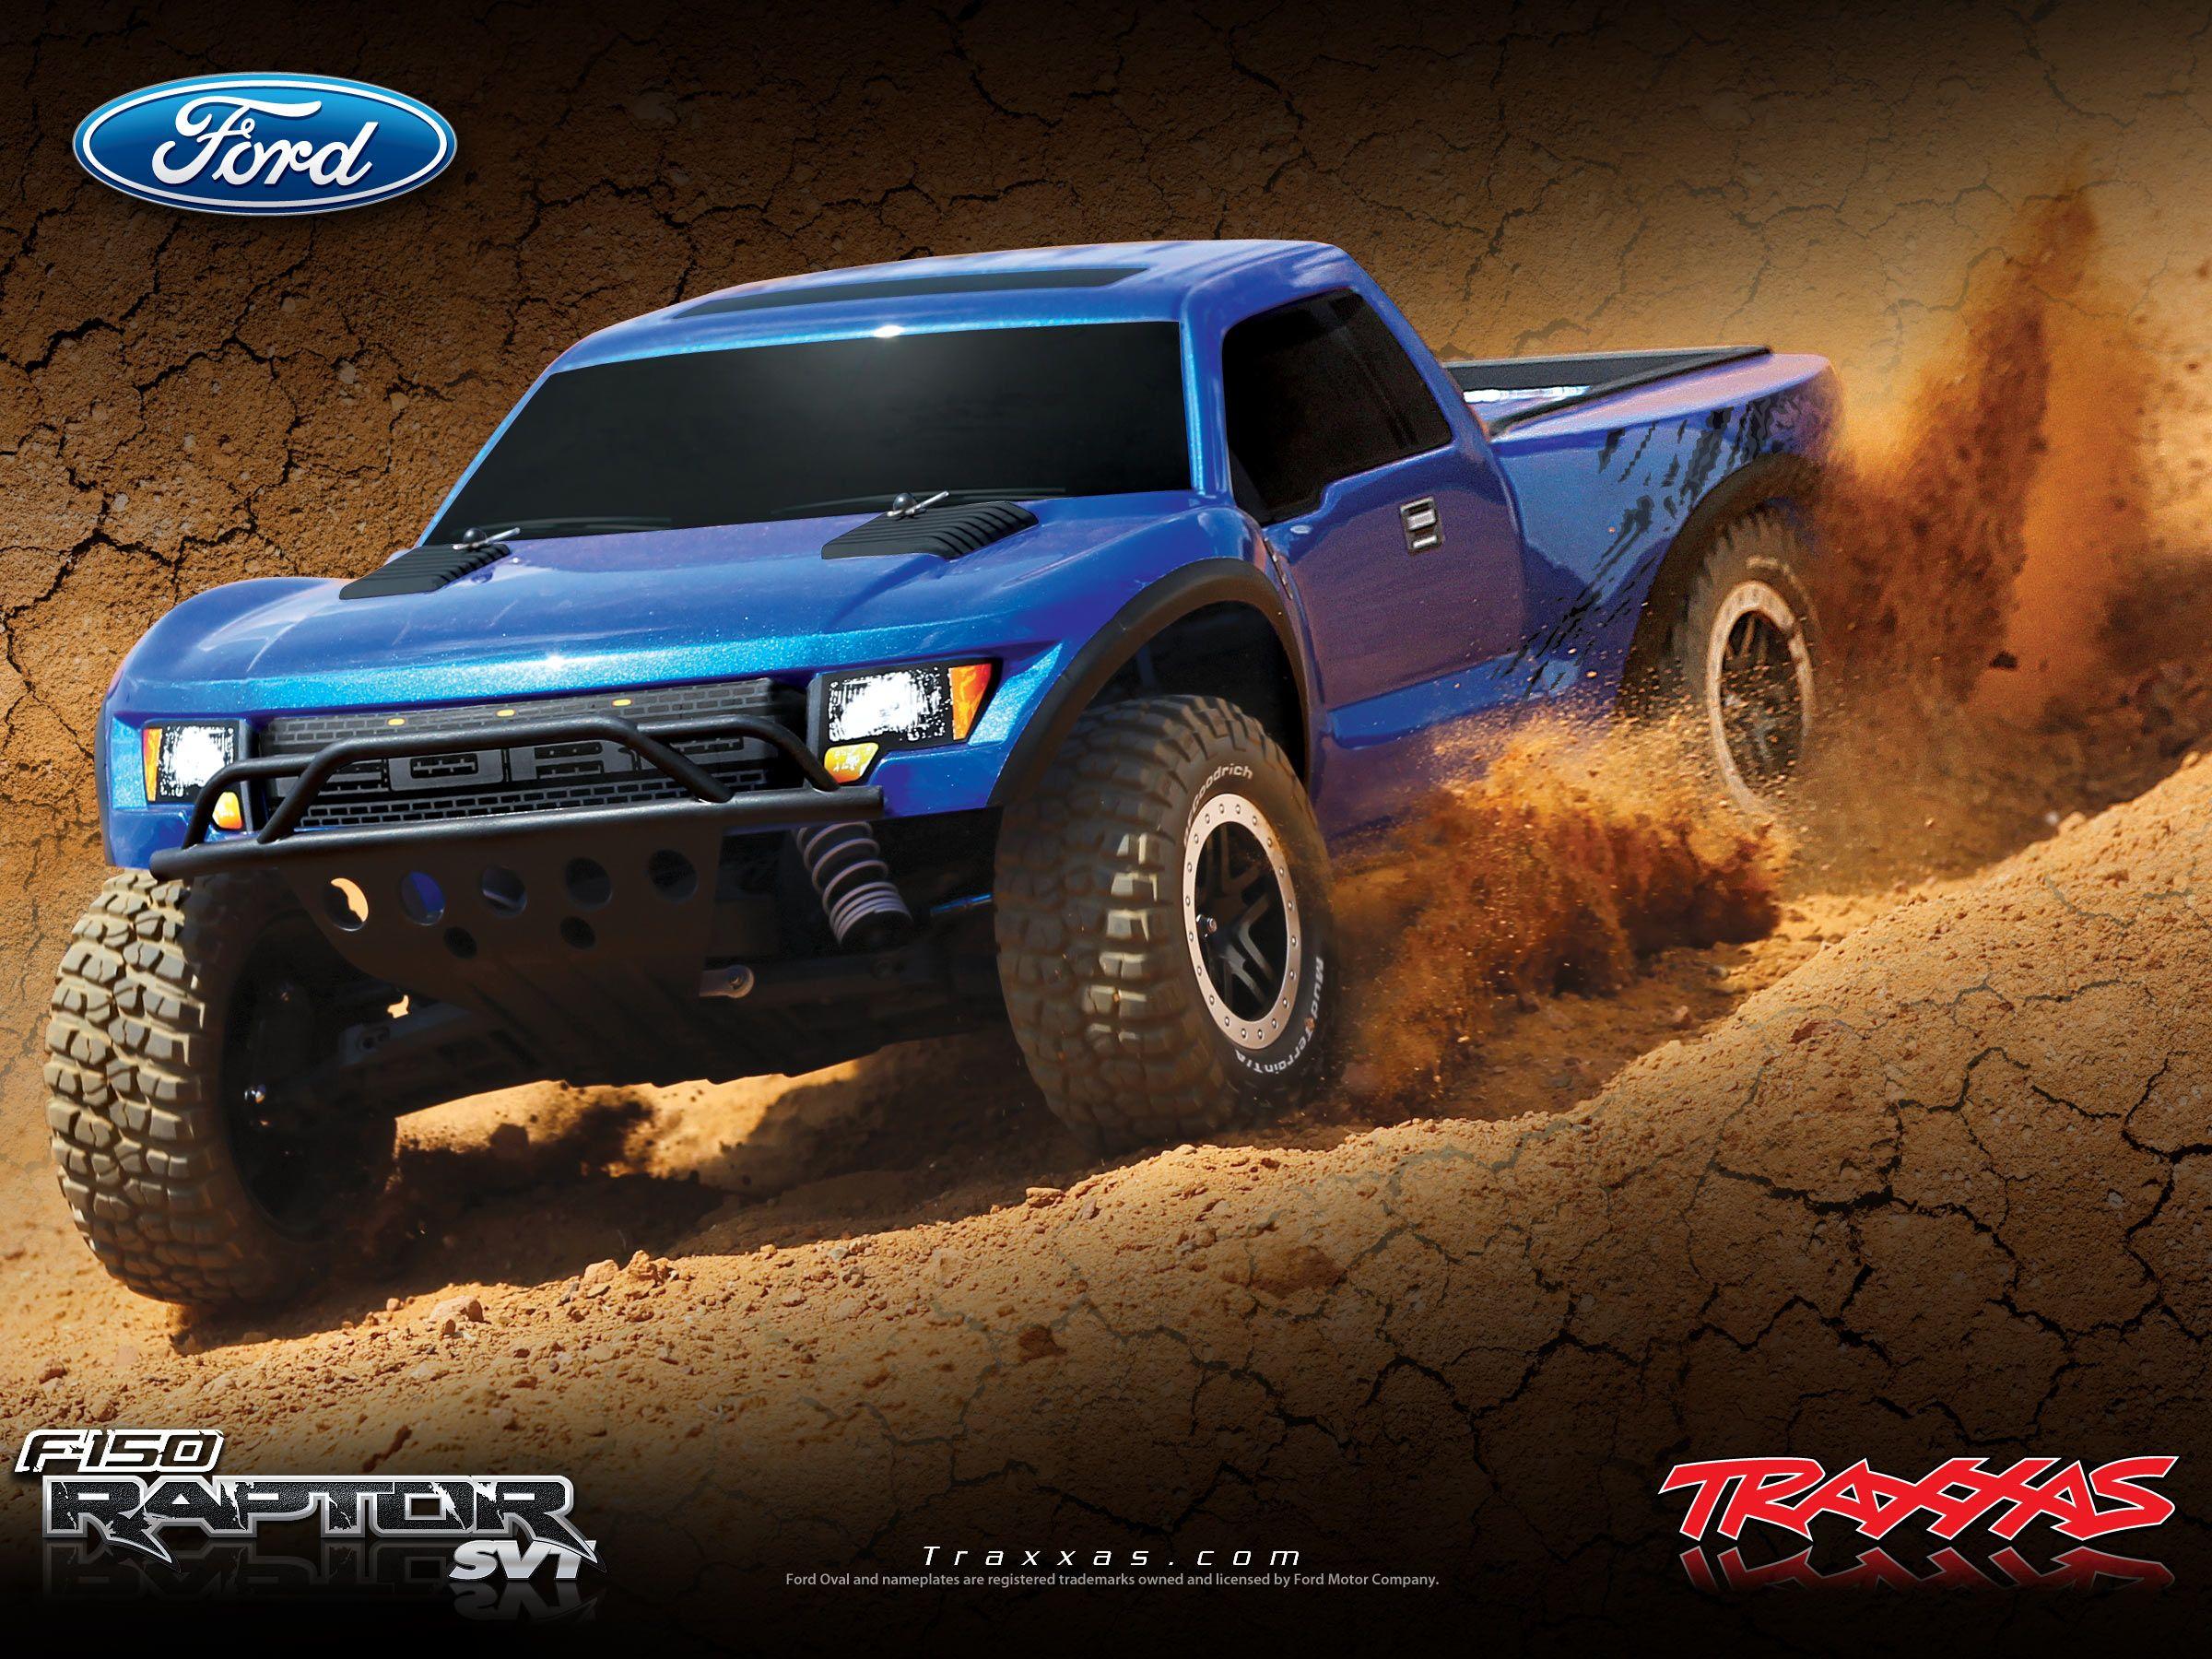 Ford Svt F150 Raptor Hd Wallpapers Desktop 345 Wallpaper Ford Svt Rc Cars And Trucks Traxxas Desert ford truck full hd wallpapers